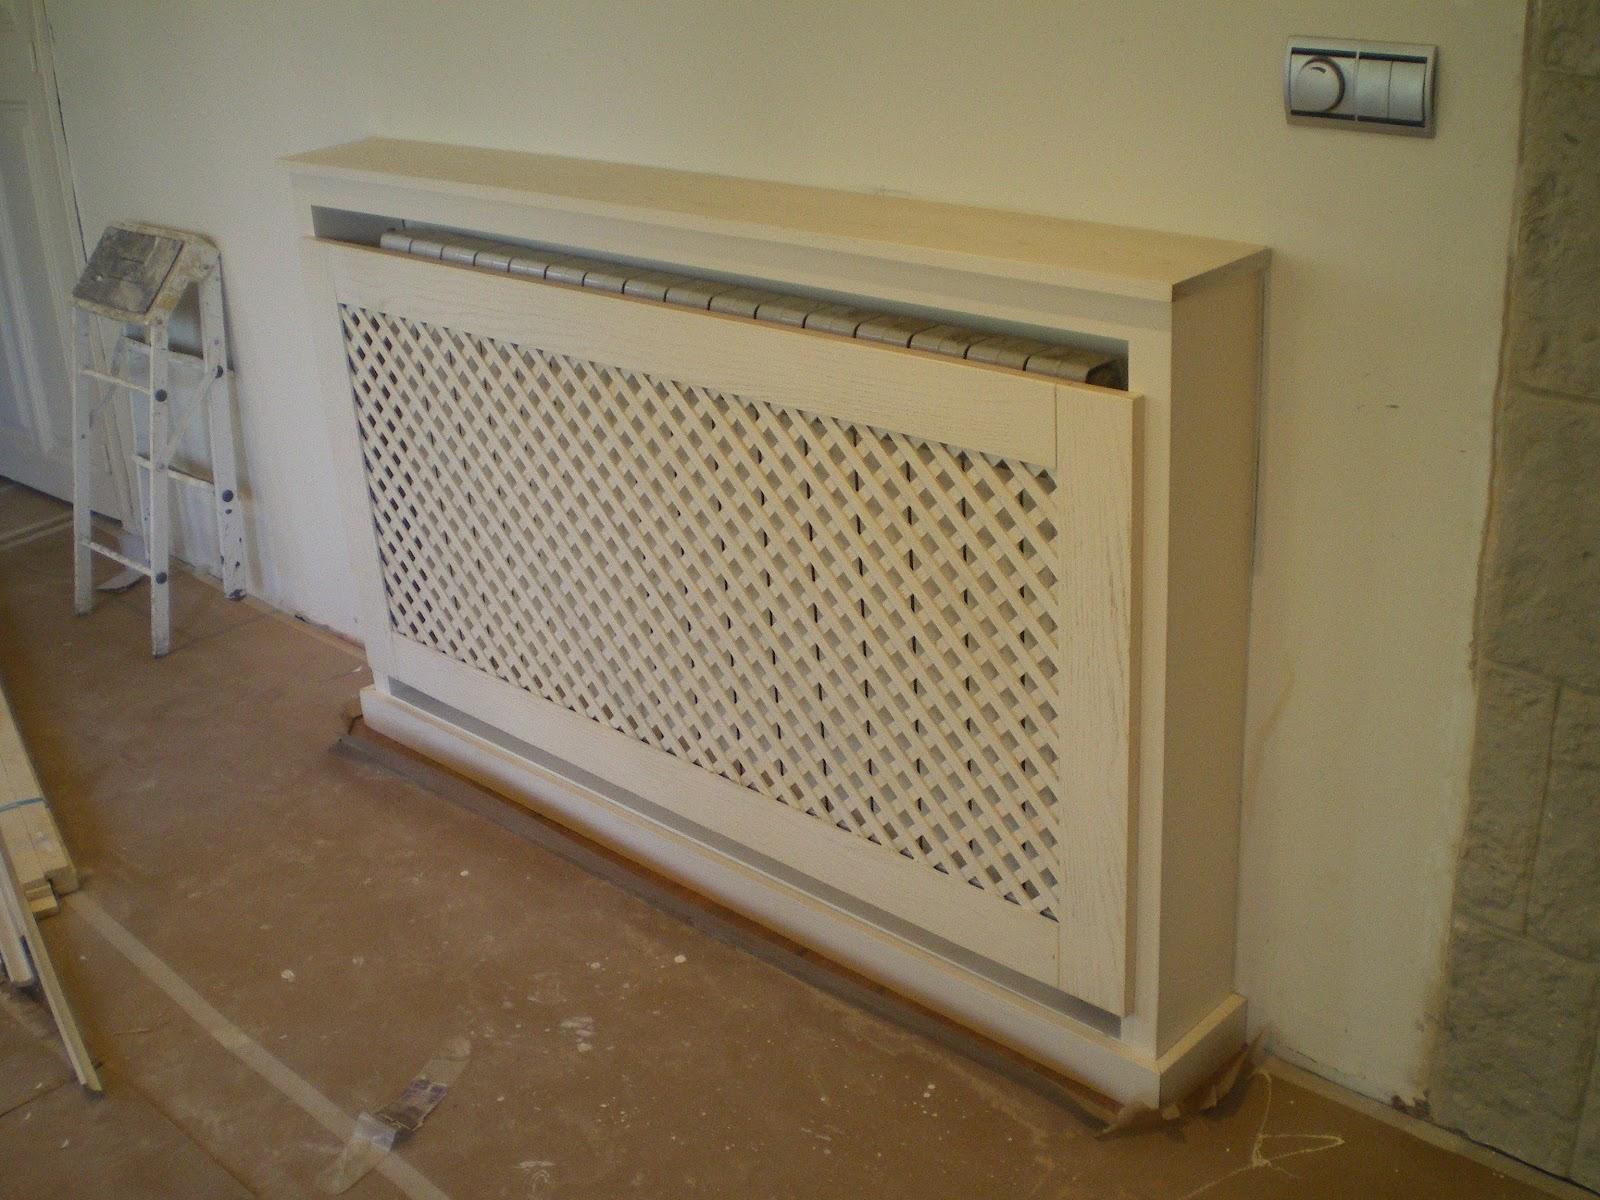 Carlos anchundia cubreradiador - Pintura para radiadores ...